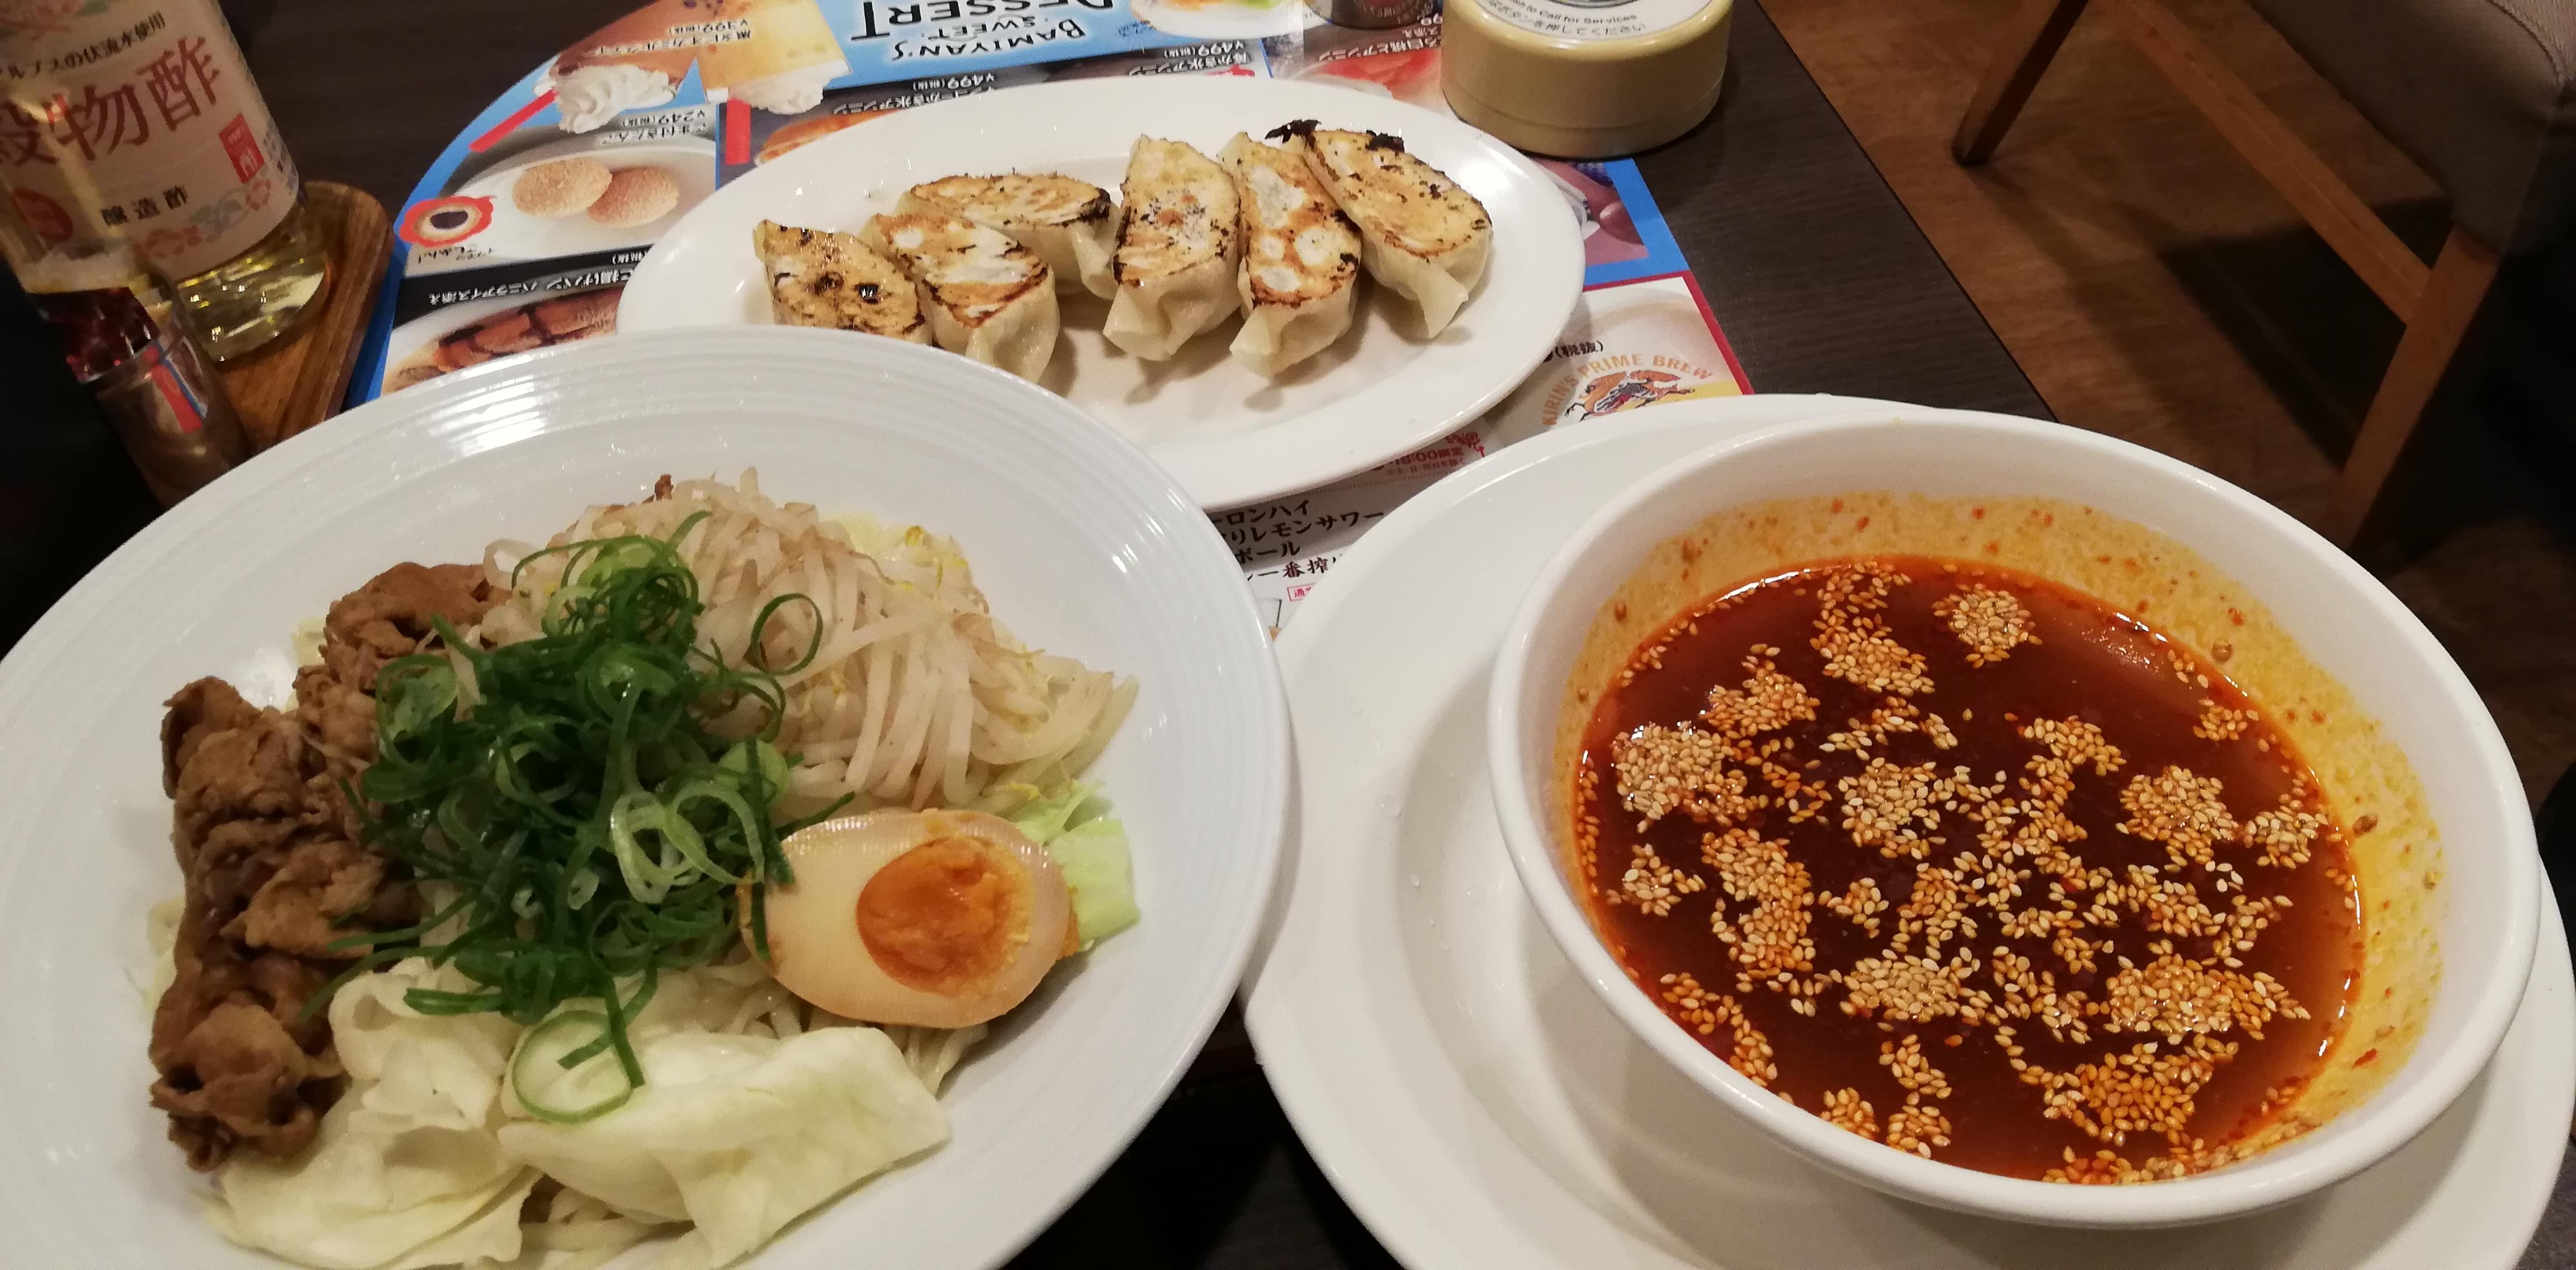 広島流 肉盛り辛つけ麺と本格焼餃子のセット